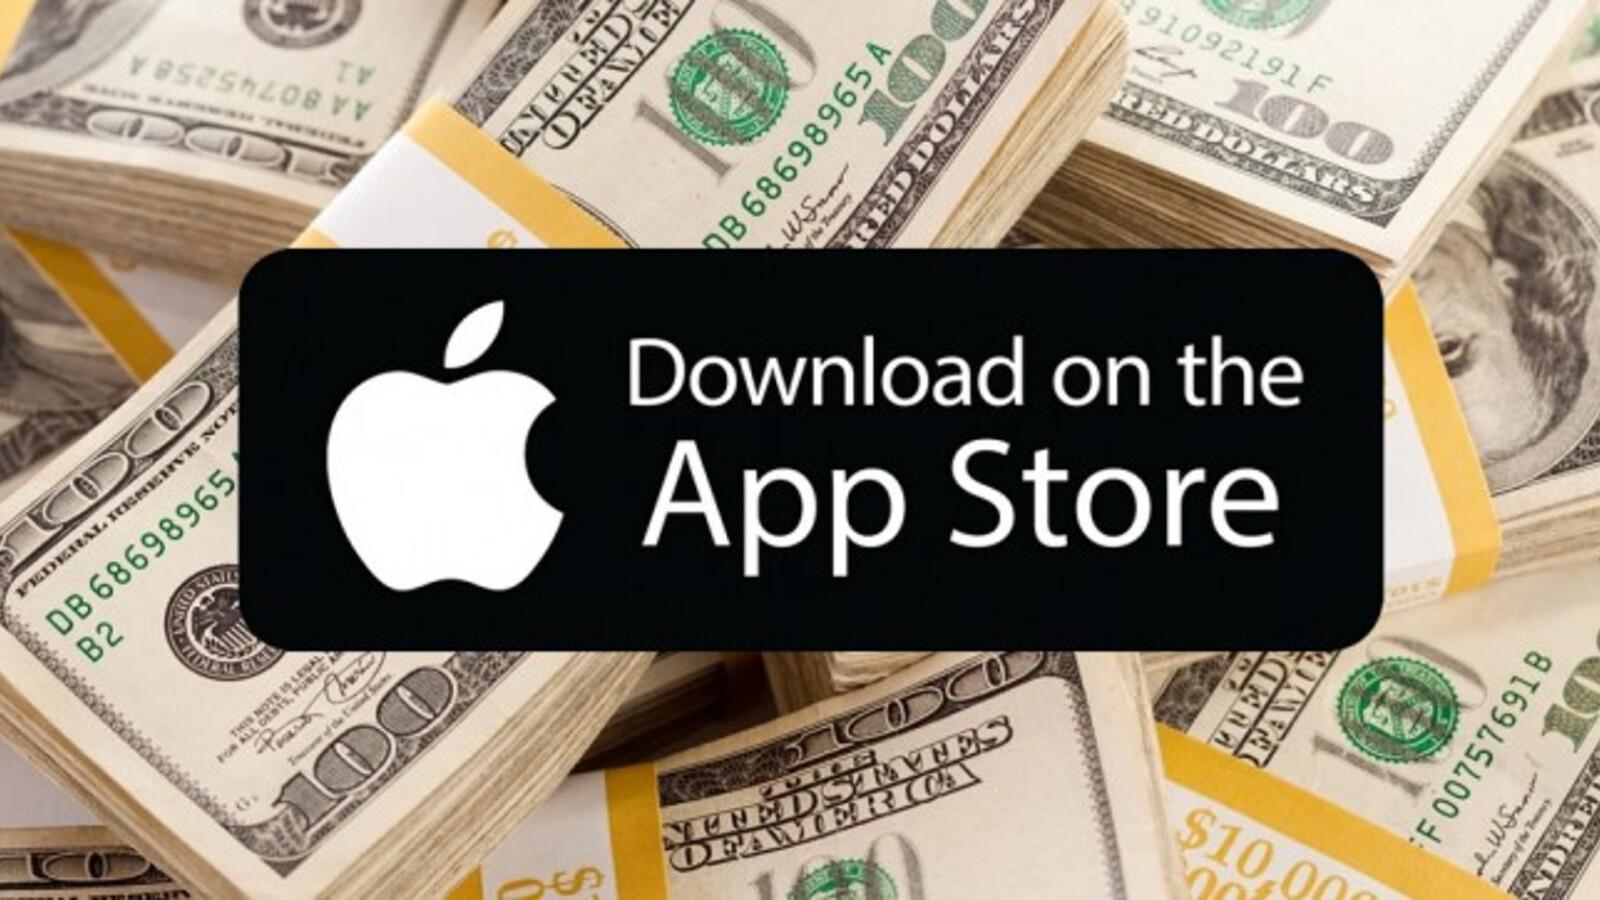 Studie zeigt, dass In-App-Käufe steigen